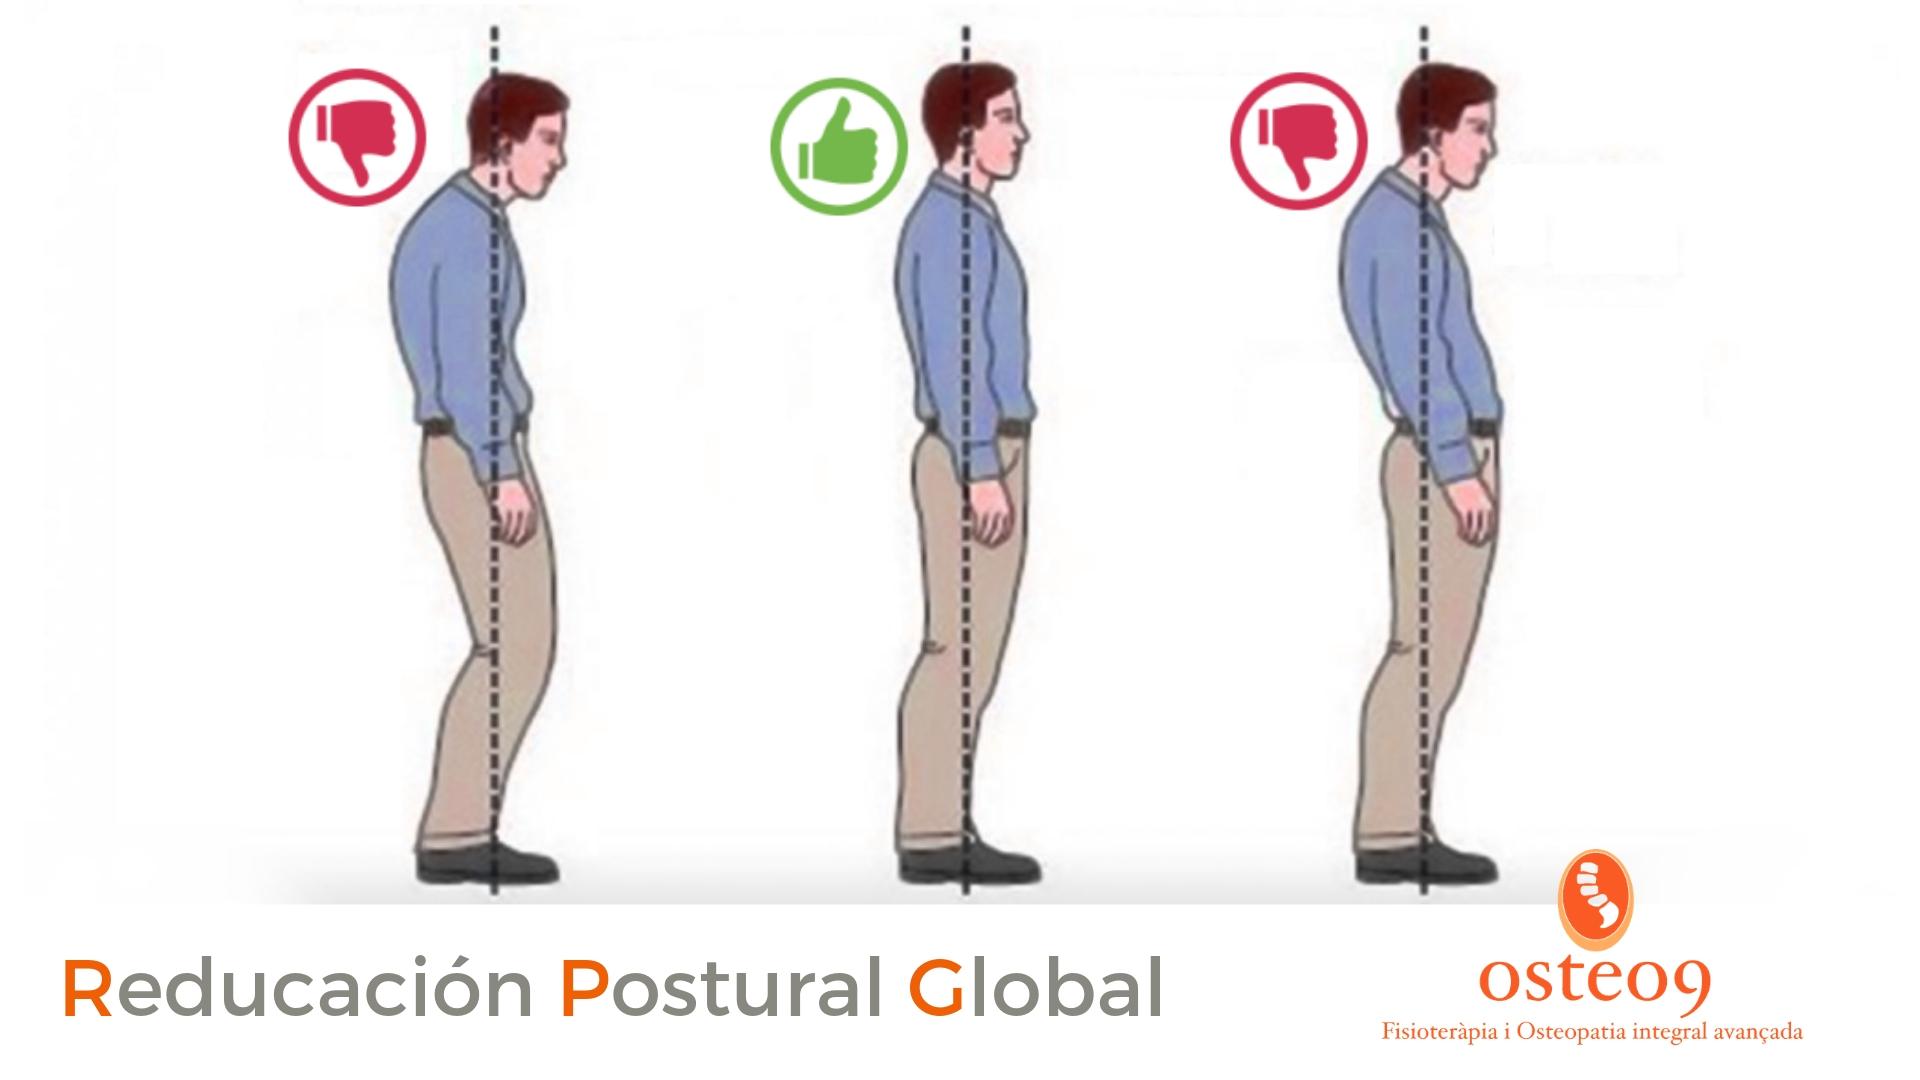 Cómo mejorar la postura con reeducación postural global